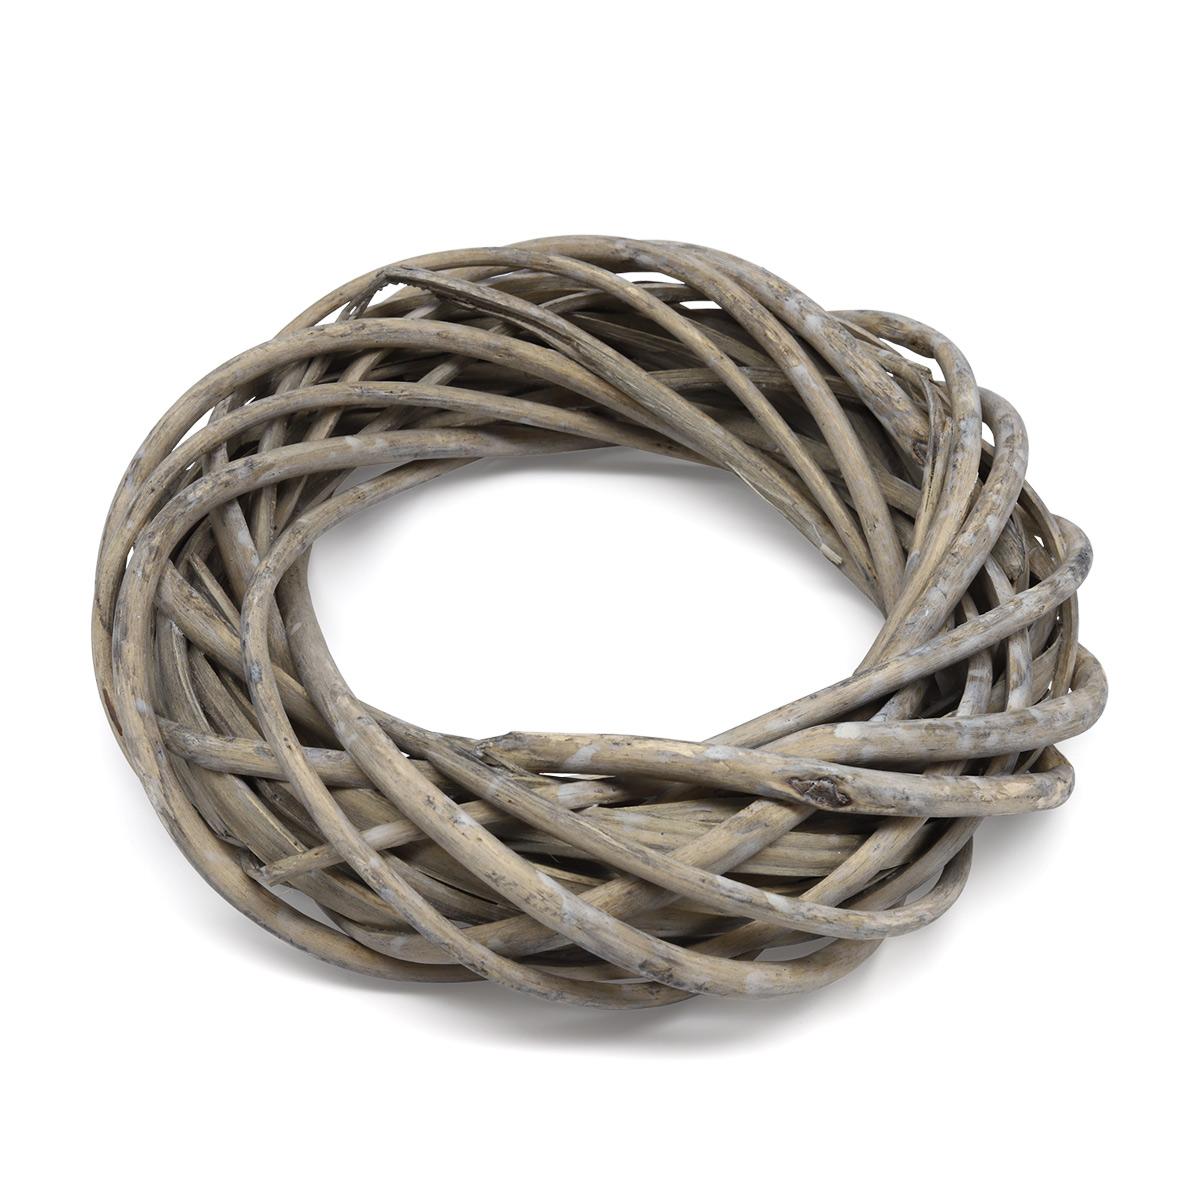 67026062 Венок из ивовых прутьев, серый, d 20см Glorex